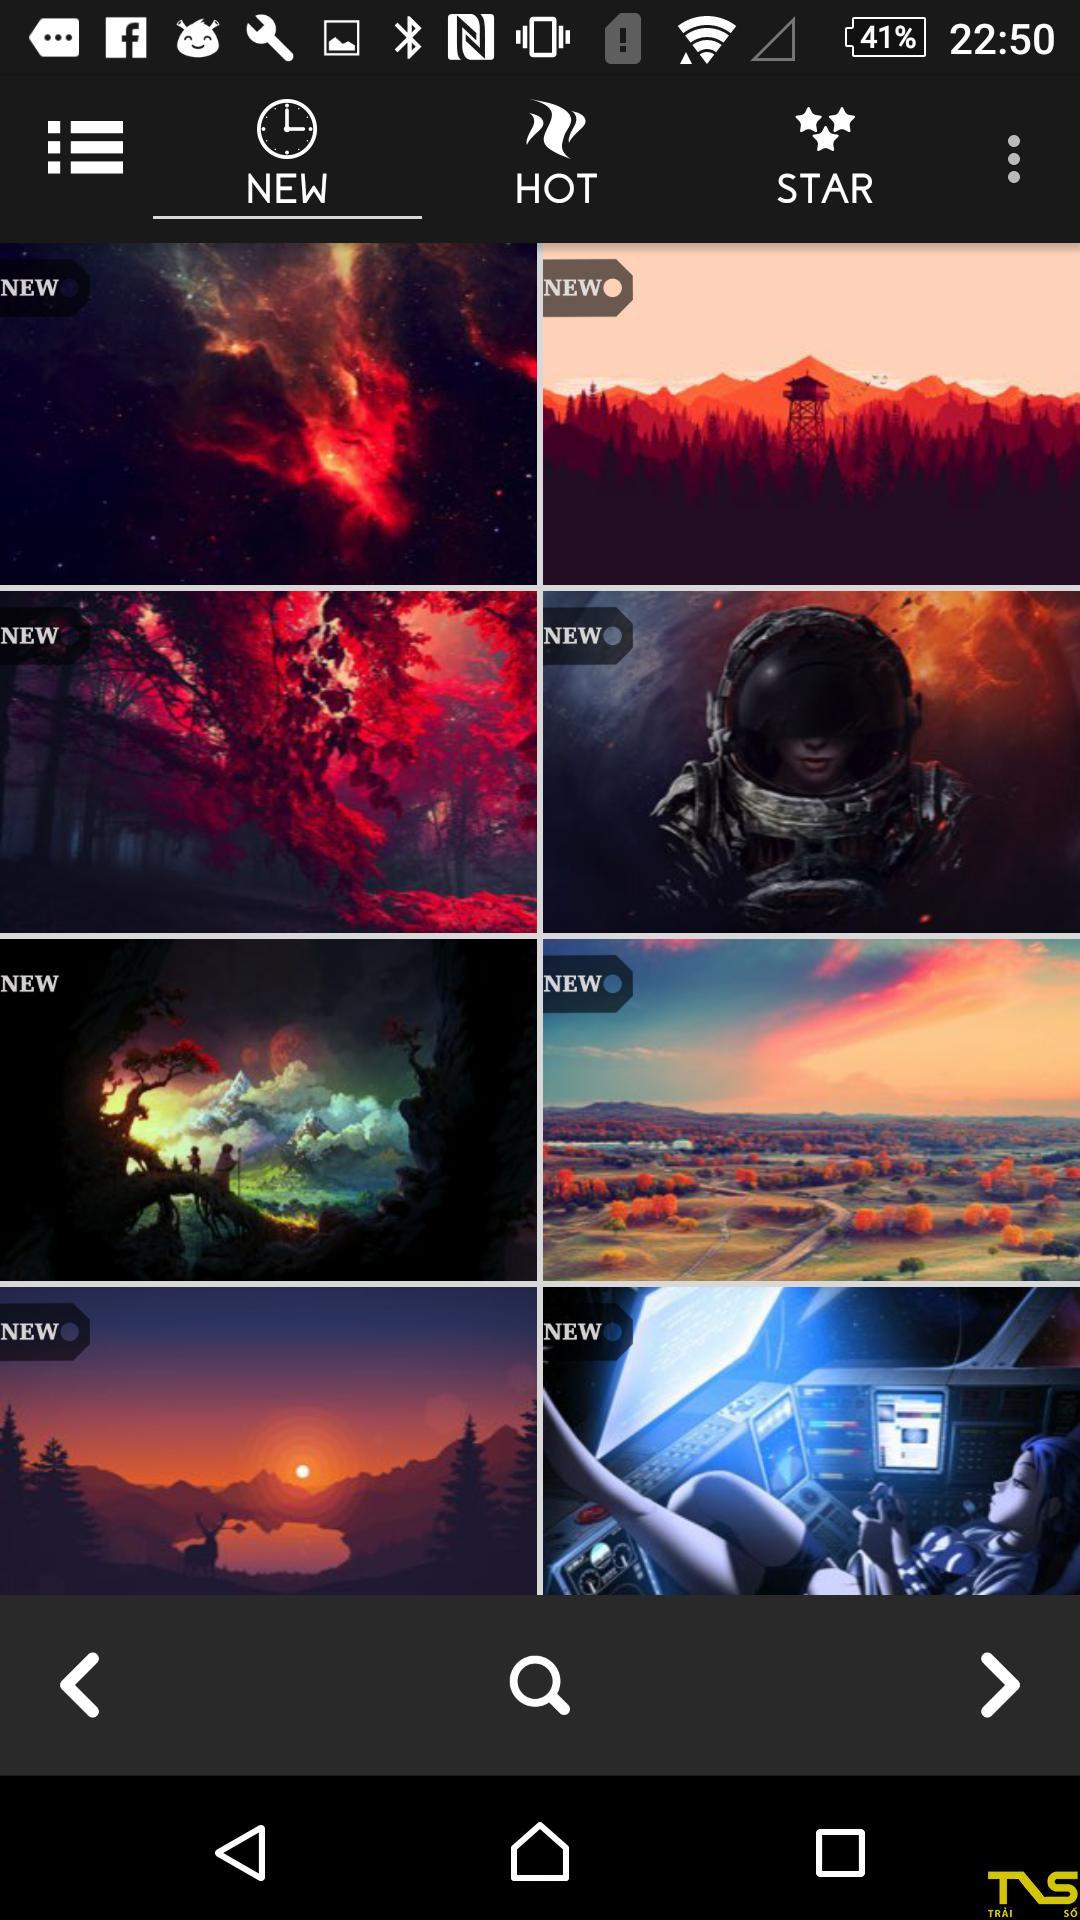 Screenshot 2017 10 18 22 50 23 - Một triệu hình nền đẹp cho Android miễn phí